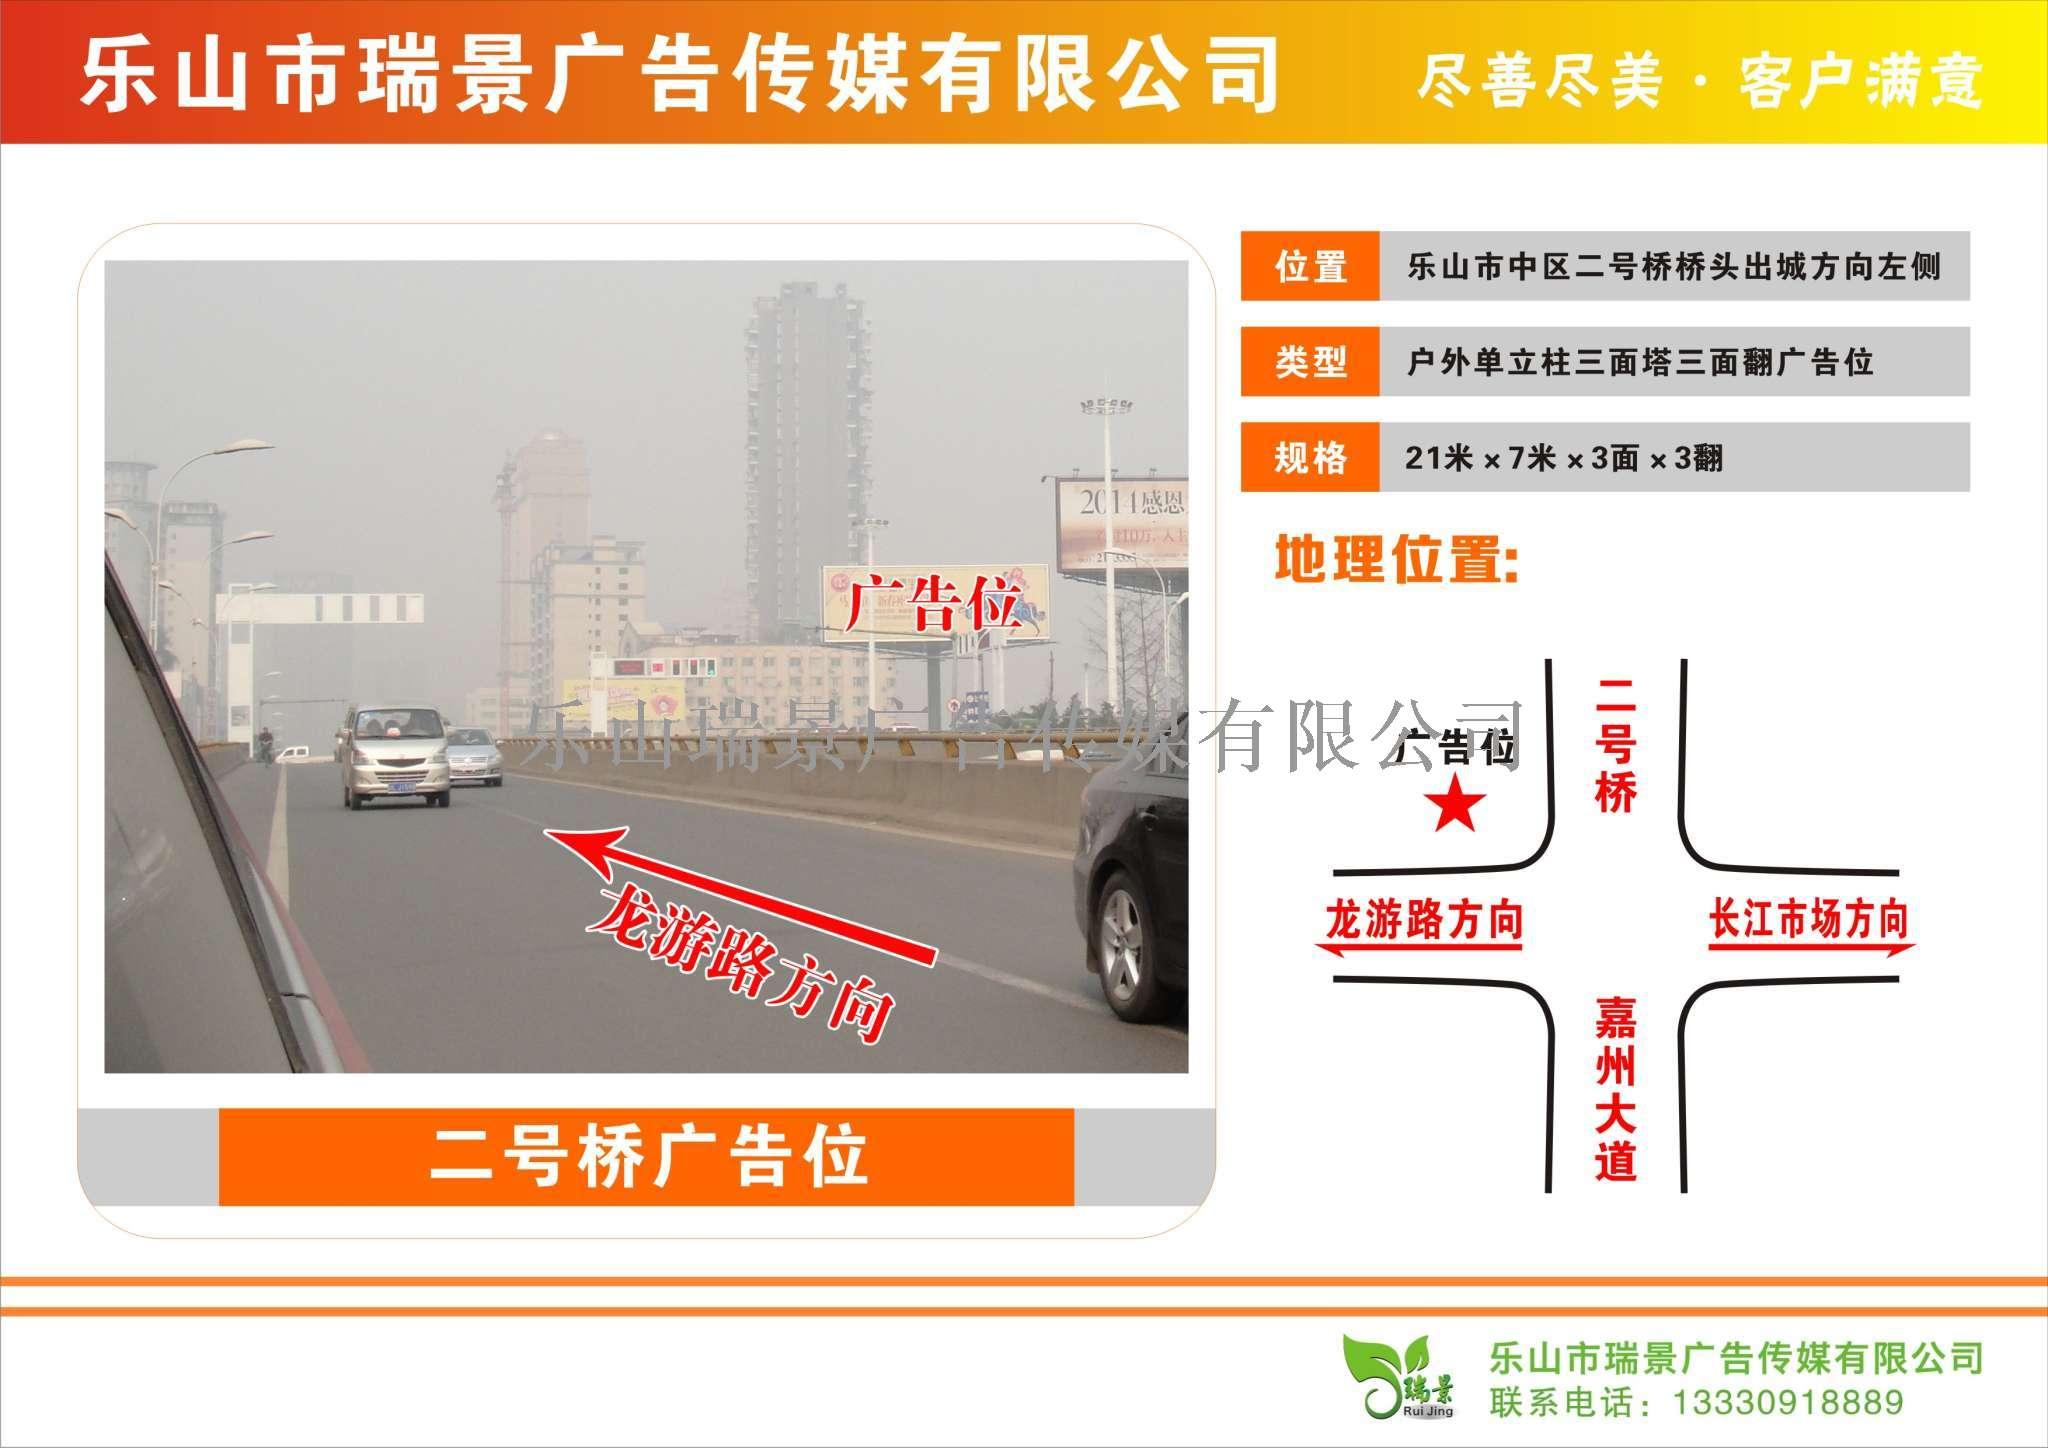 乐山未来(瑞景)广告传媒有限公司(公交车身广告,公交车载电视广告代理